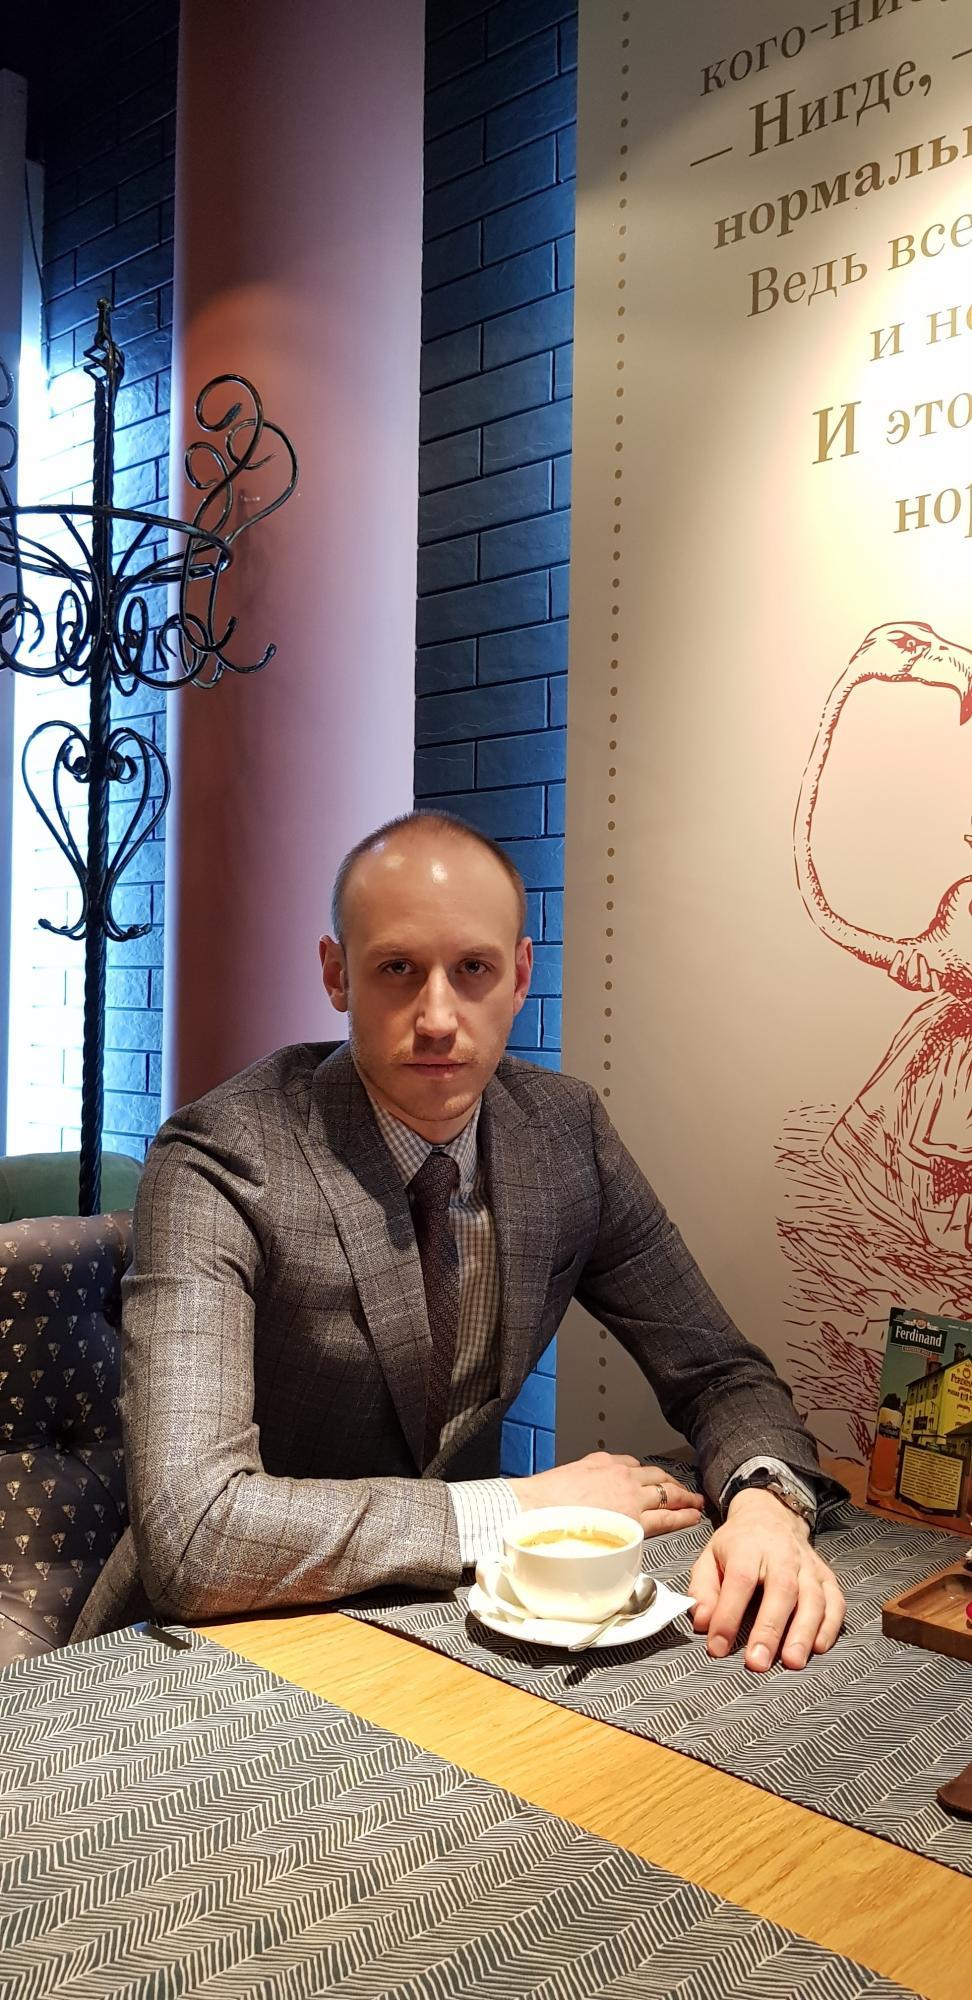 Юрист (авторские, патентные права) в Москве